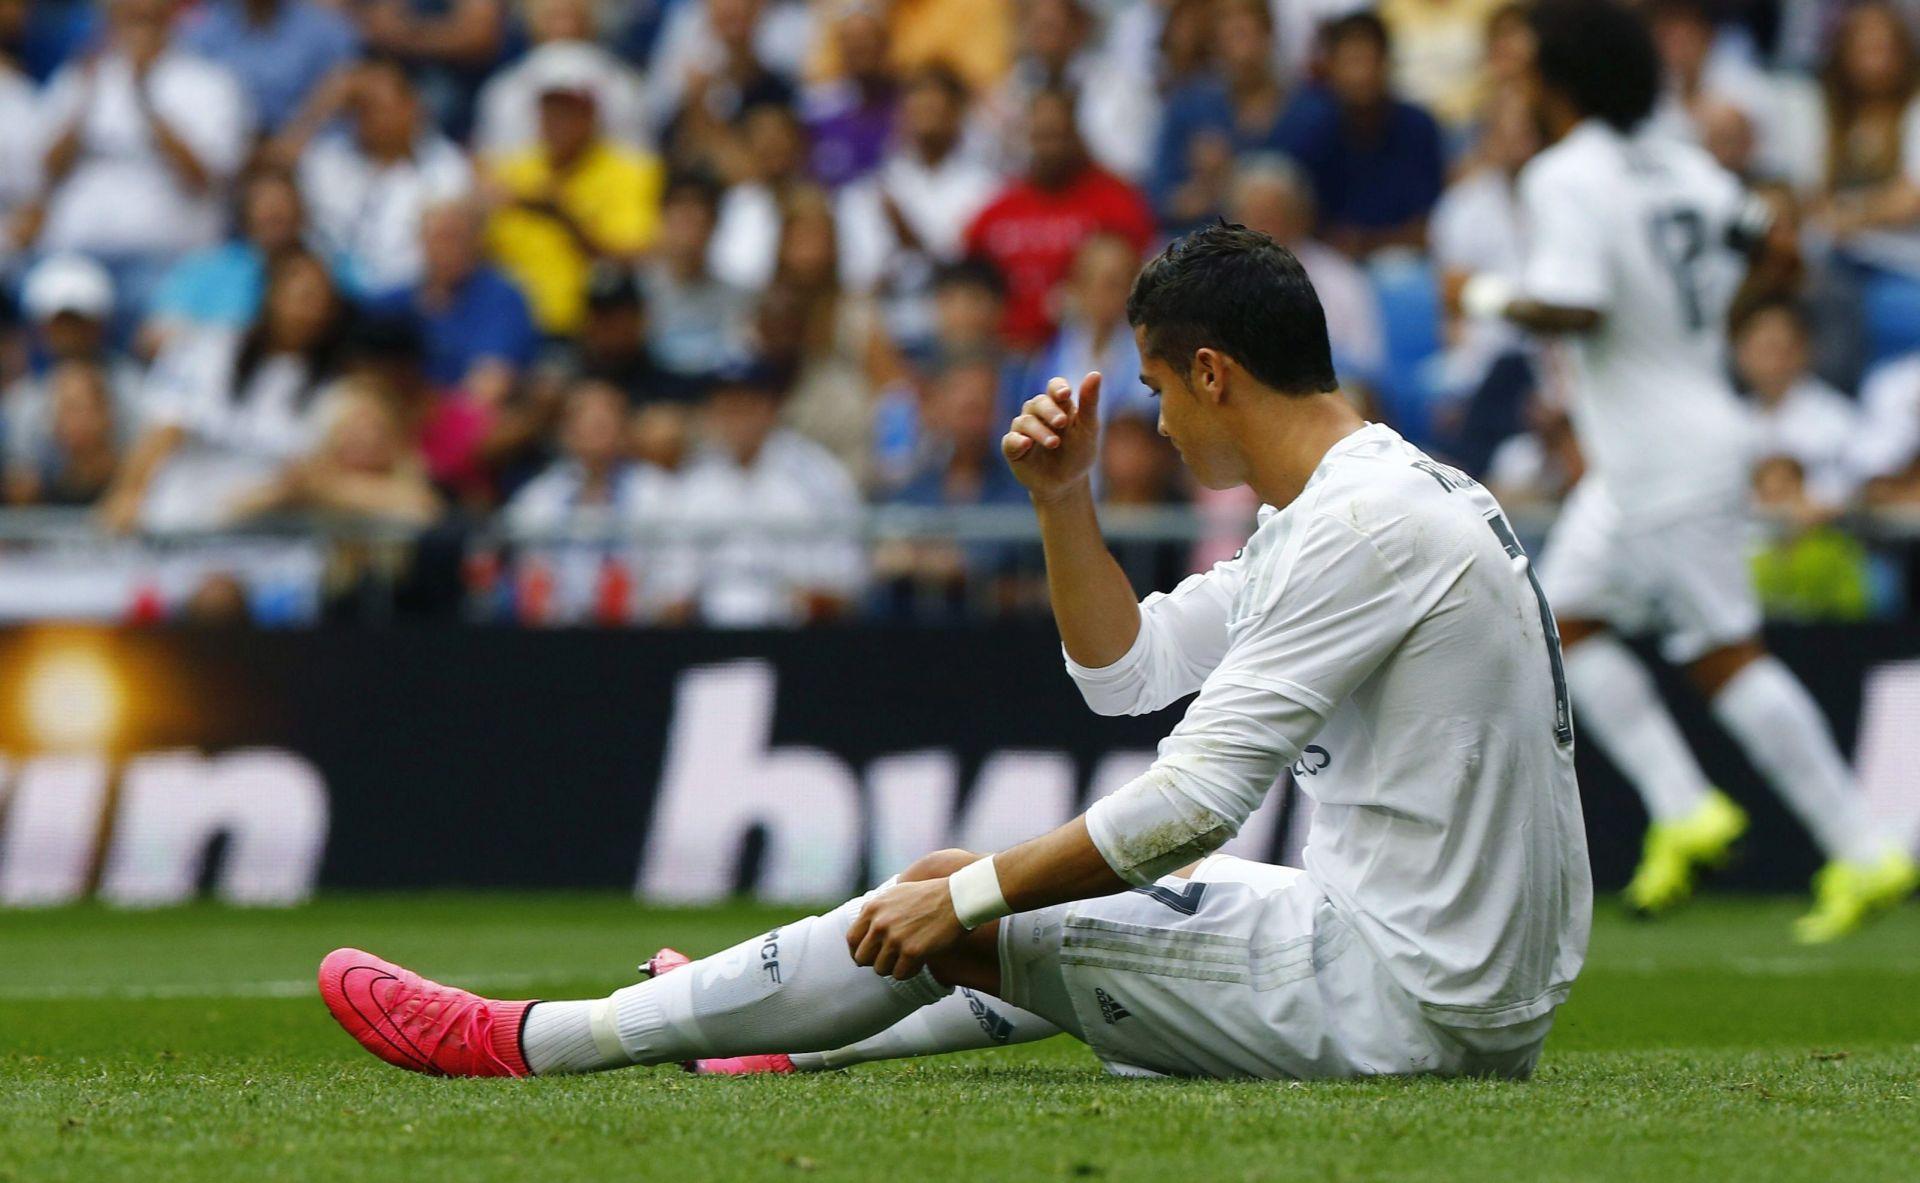 PRIMERA Nula Reala i Malage, Kameni zaključao vrata – Ronaldo nije mogao do 500. pogotka